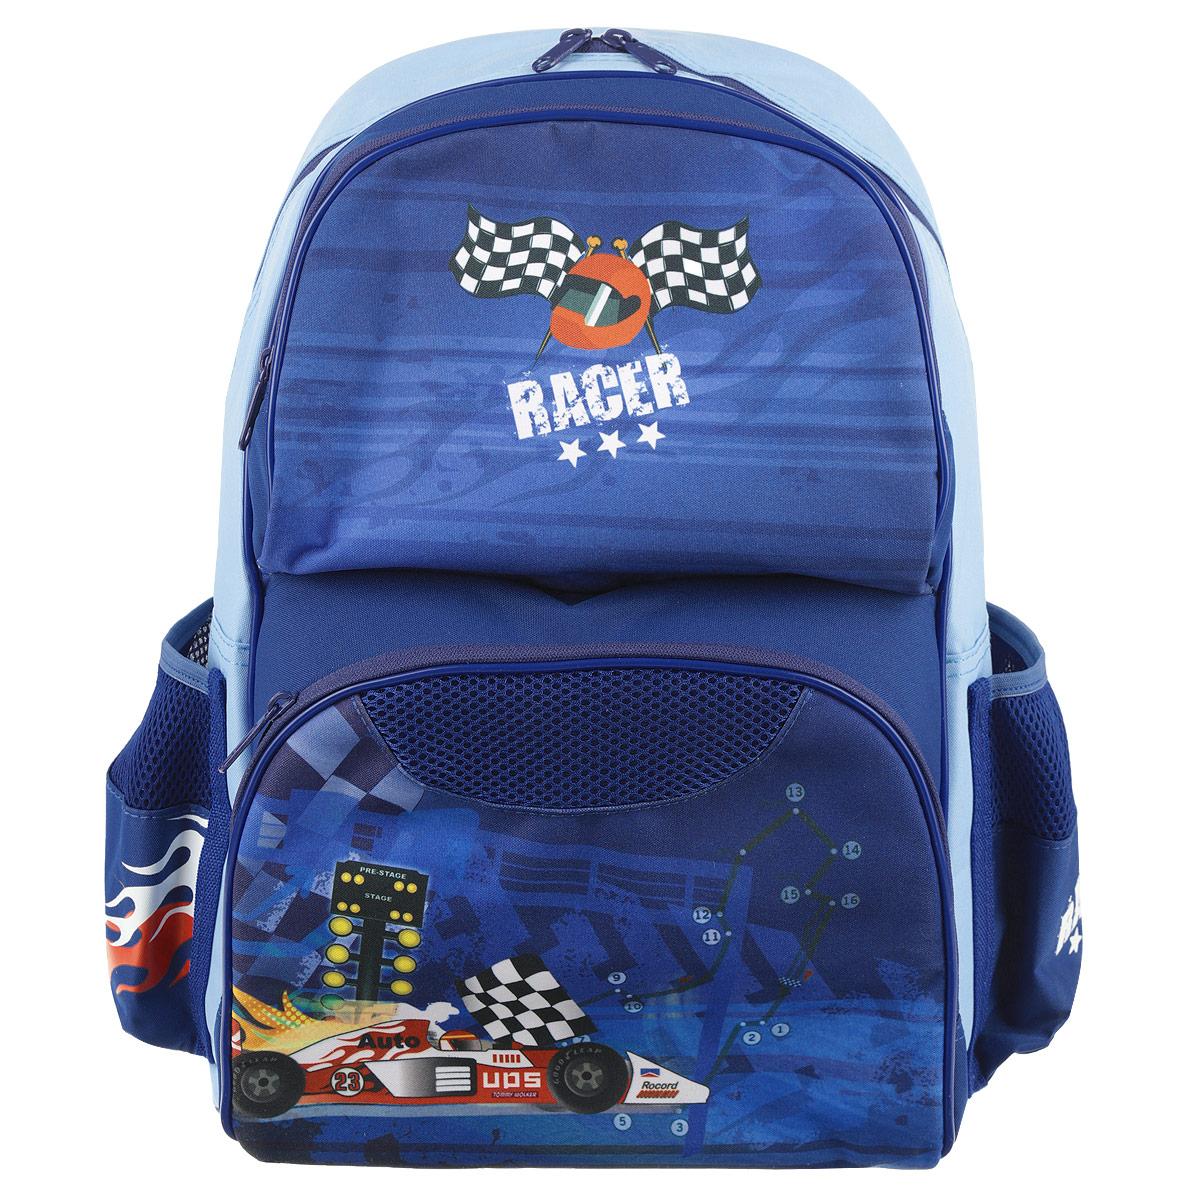 Рюкзак школьный Tiger Racer, цвет: синий, голубой2904/TG_синийРюкзак школьный Tiger Racer изготовлен из качественного нейлона, характеризующегося повышенной износостойкостью, водонепроницаемостью и устойчивостью к УФ-излучению. Рюкзак имеет одно основное отделение, закрывающееся на молнию с двумя бегунками. Внутри отделения расположены два разделителя. На лицевой стороне ранца расположены два накладных кармана на молнии. По бокам ранца размещены два дополнительных открытых накладных кармана на резинке. Ортопедическая спинка, созданная по специальной технологии из дышащего материала, равномерно распределяет нагрузку на плечевые суставы и спину. Удлиненные держатели облегчают фиксацию длины ремней с мягкими подкладками. Ранец оснащен удобной ручкой для переноски и двумя широкими лямками, регулируемой длины. Многофункциональный школьный ранец станет незаменимым спутником вашего ребенка в походах за знаниями.